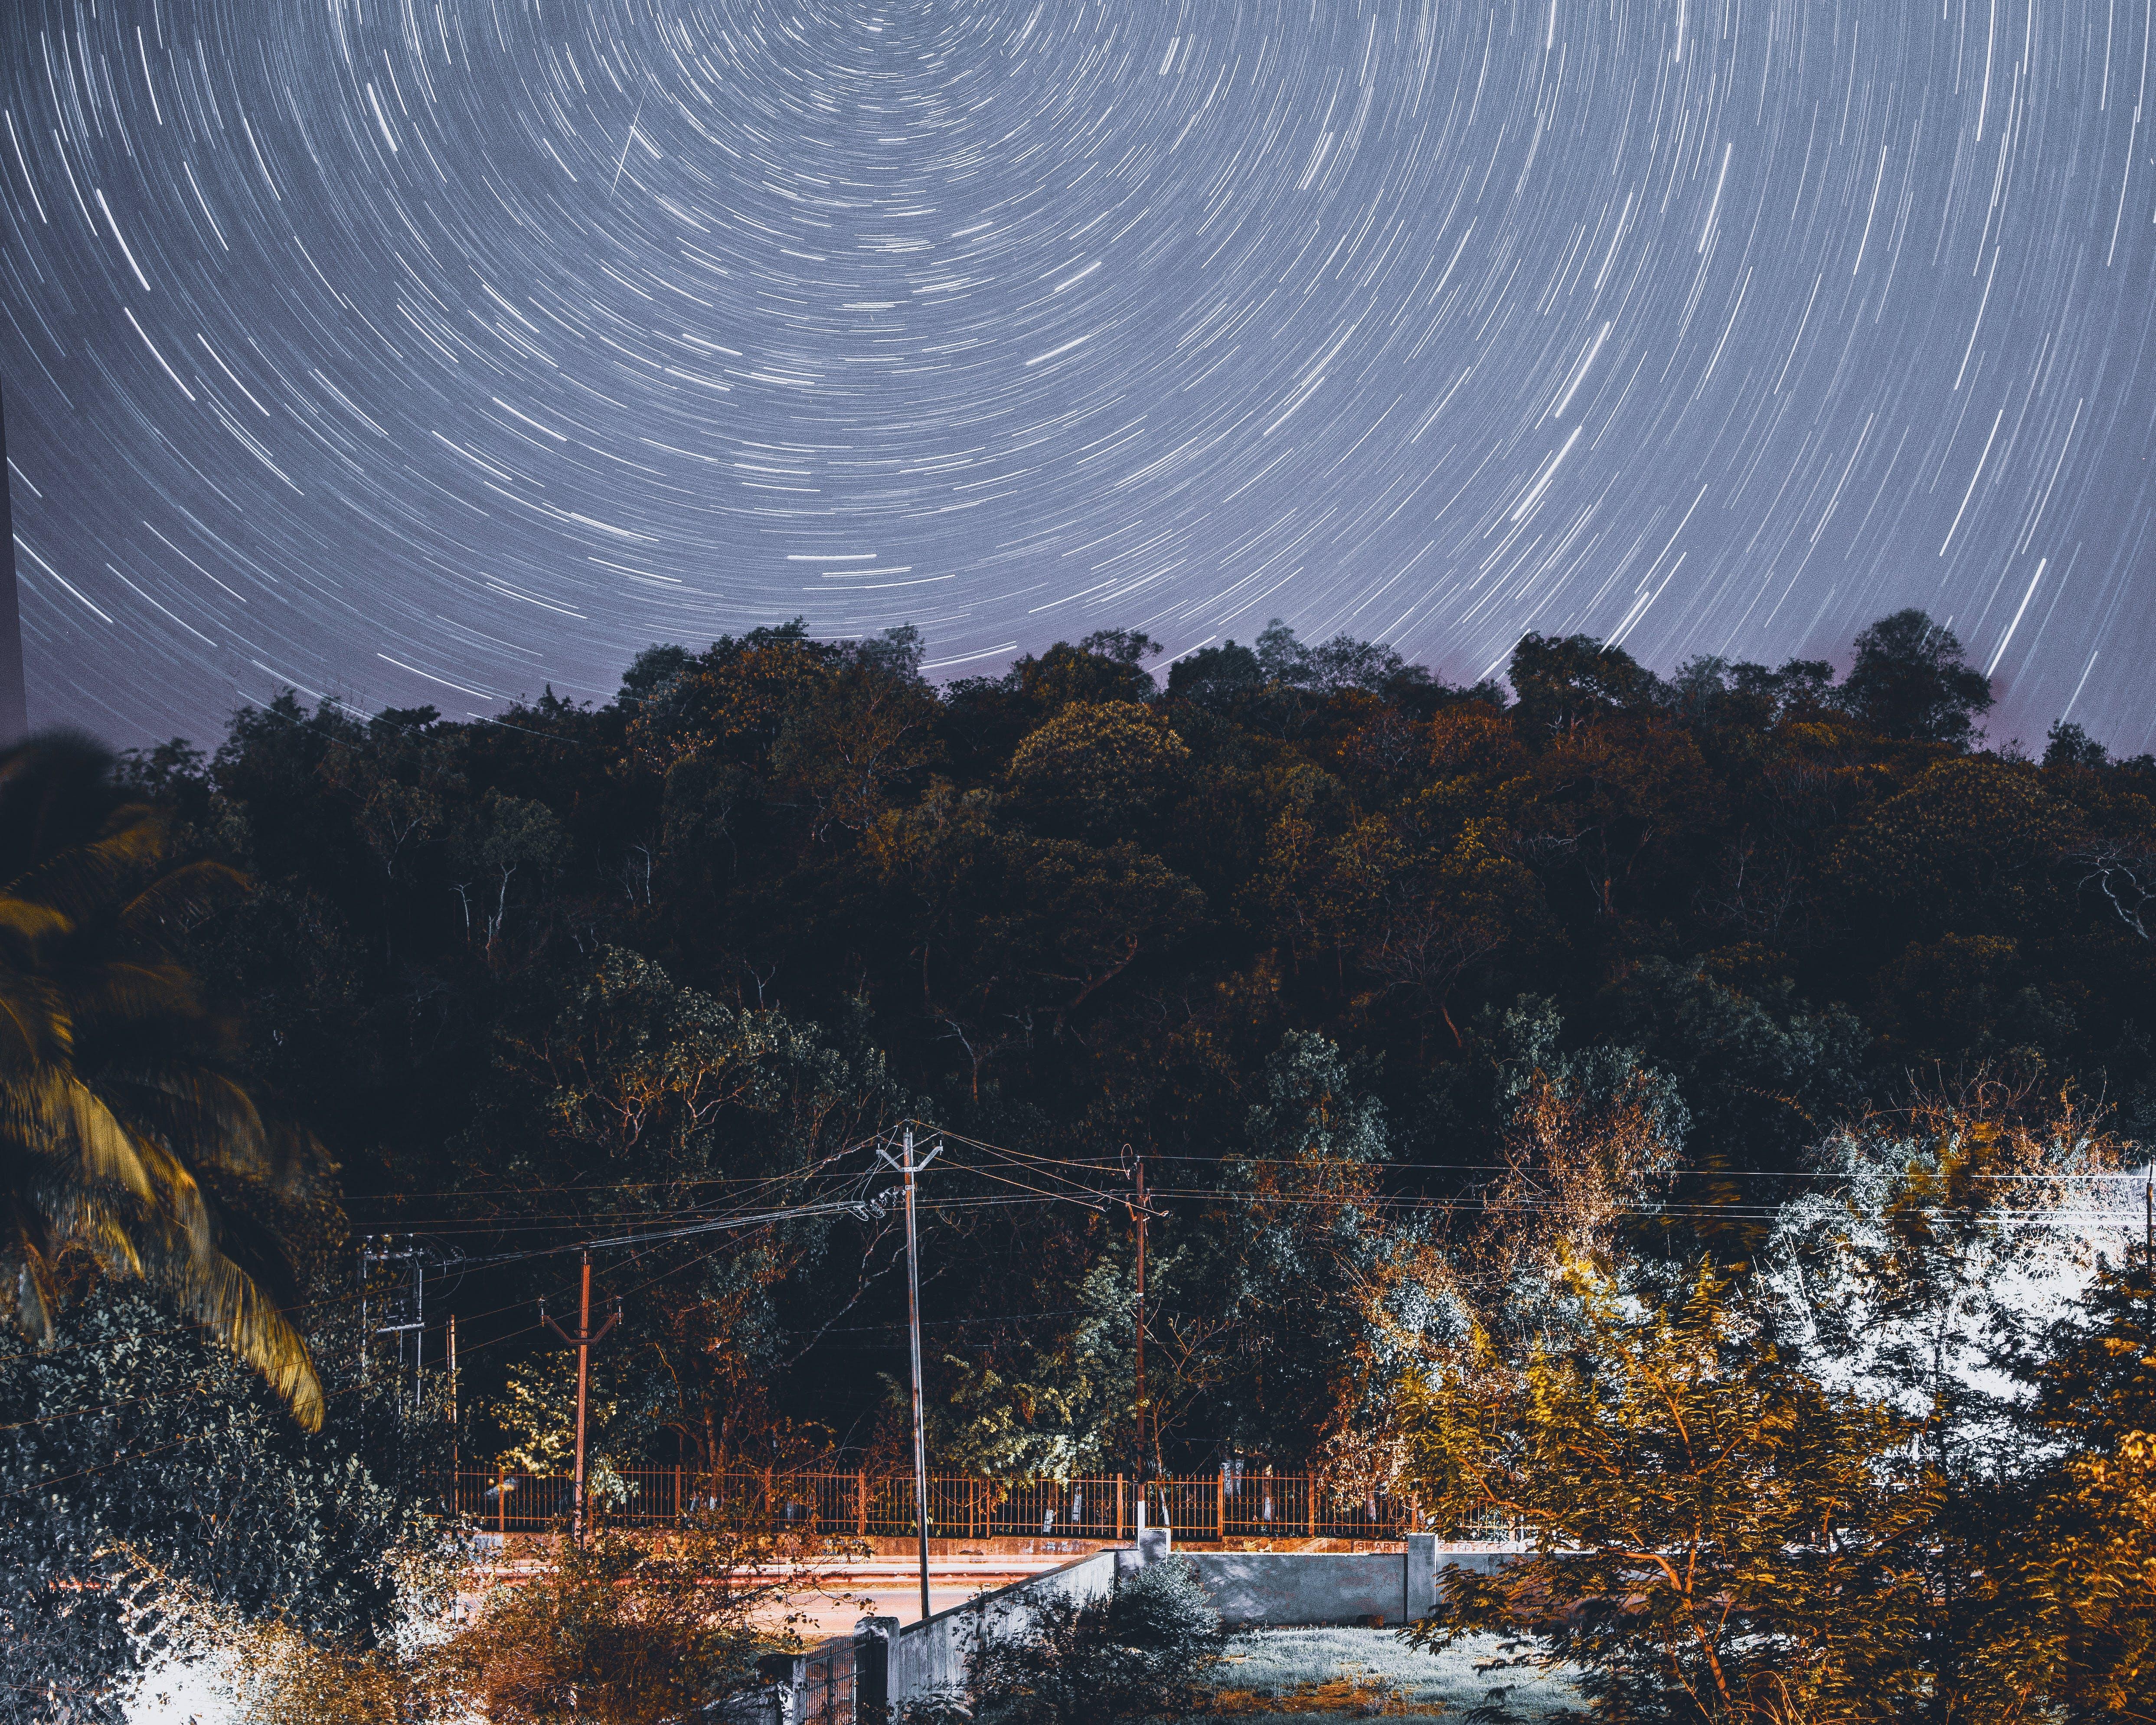 Безкоштовне стокове фото на тему «Астрофотографія, вир, вода, дерева»